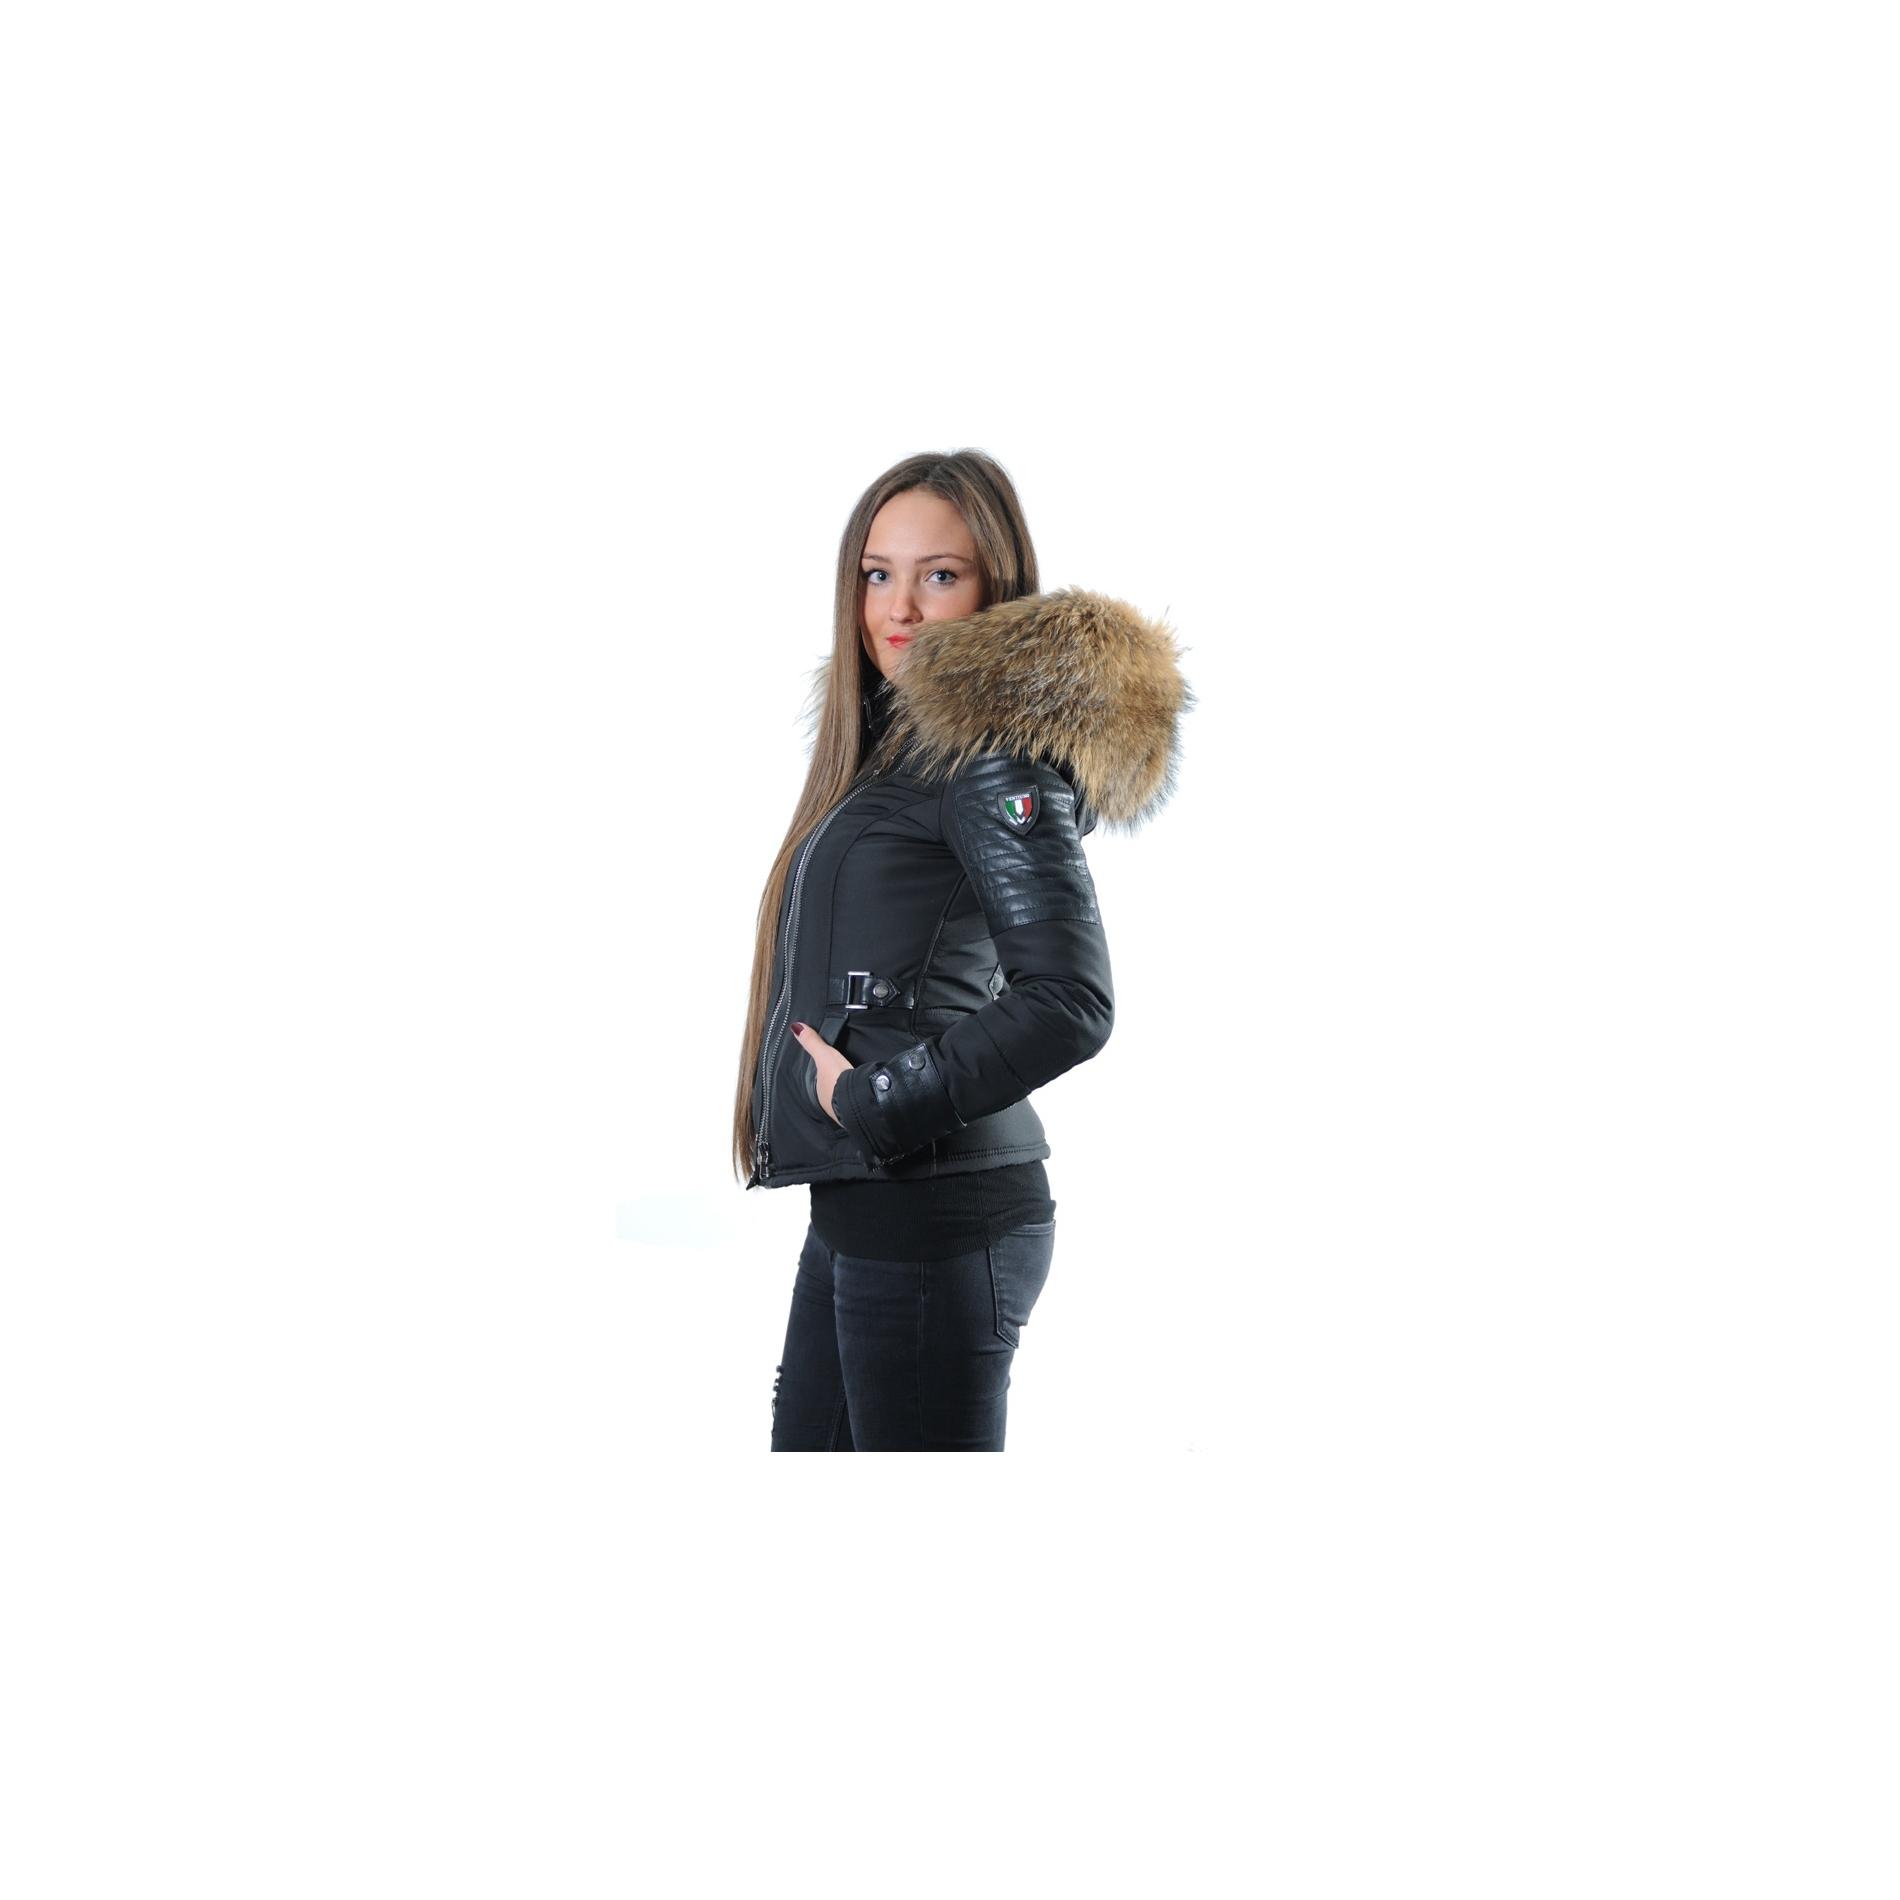 Ventiuno Femme Fourrure Blouson Emily doudoune wATCCq5